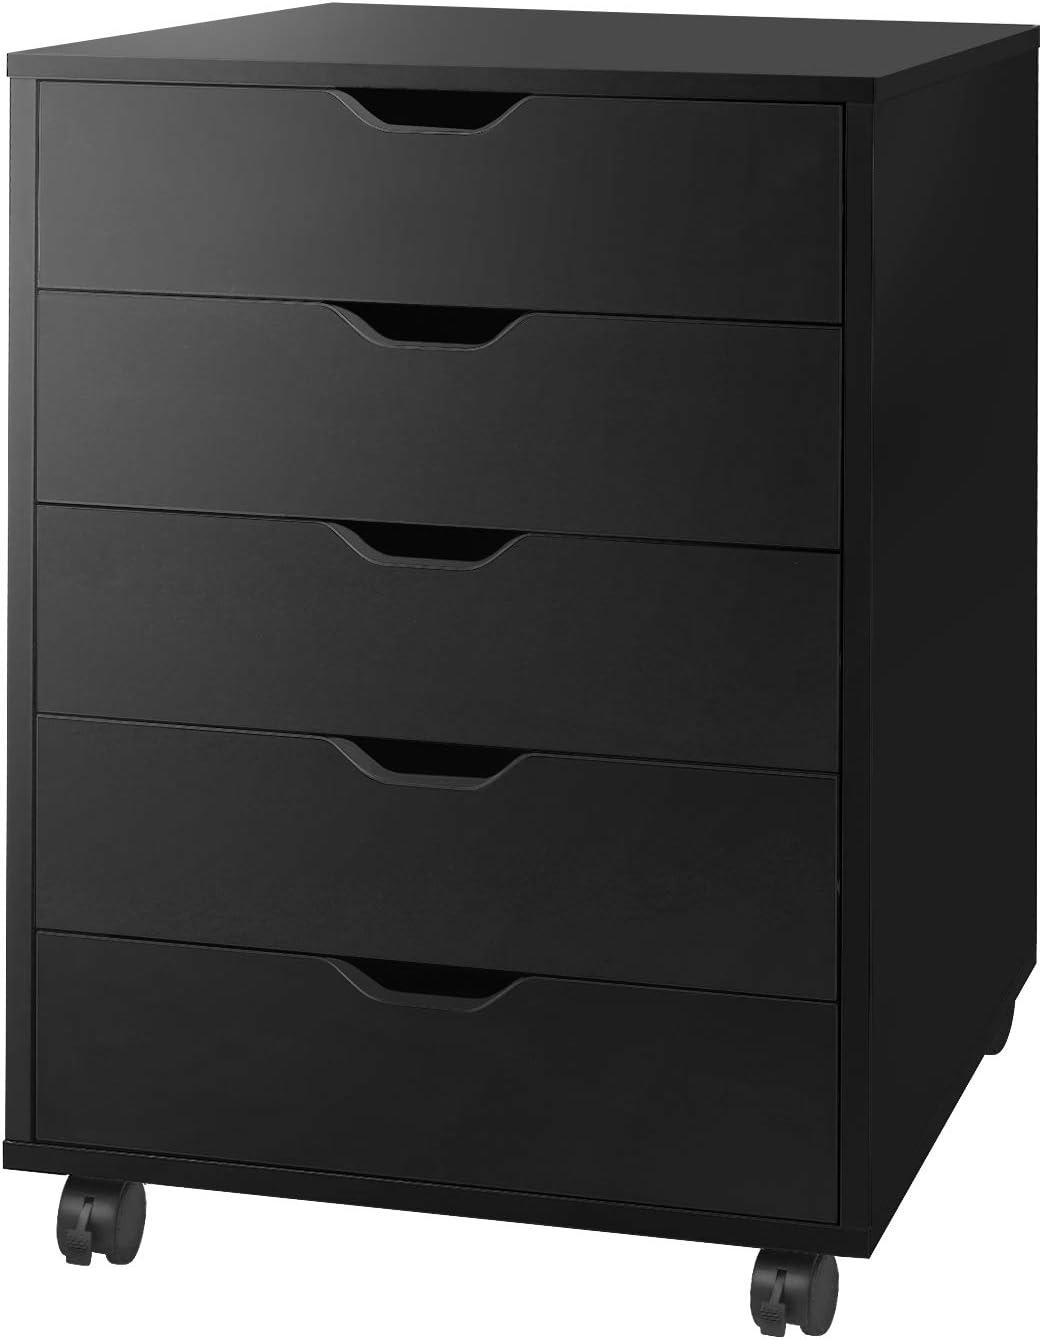 DEVAISE 5-Drawer Chest, Wood Storage Dresser Cabinet with Wheels, Black